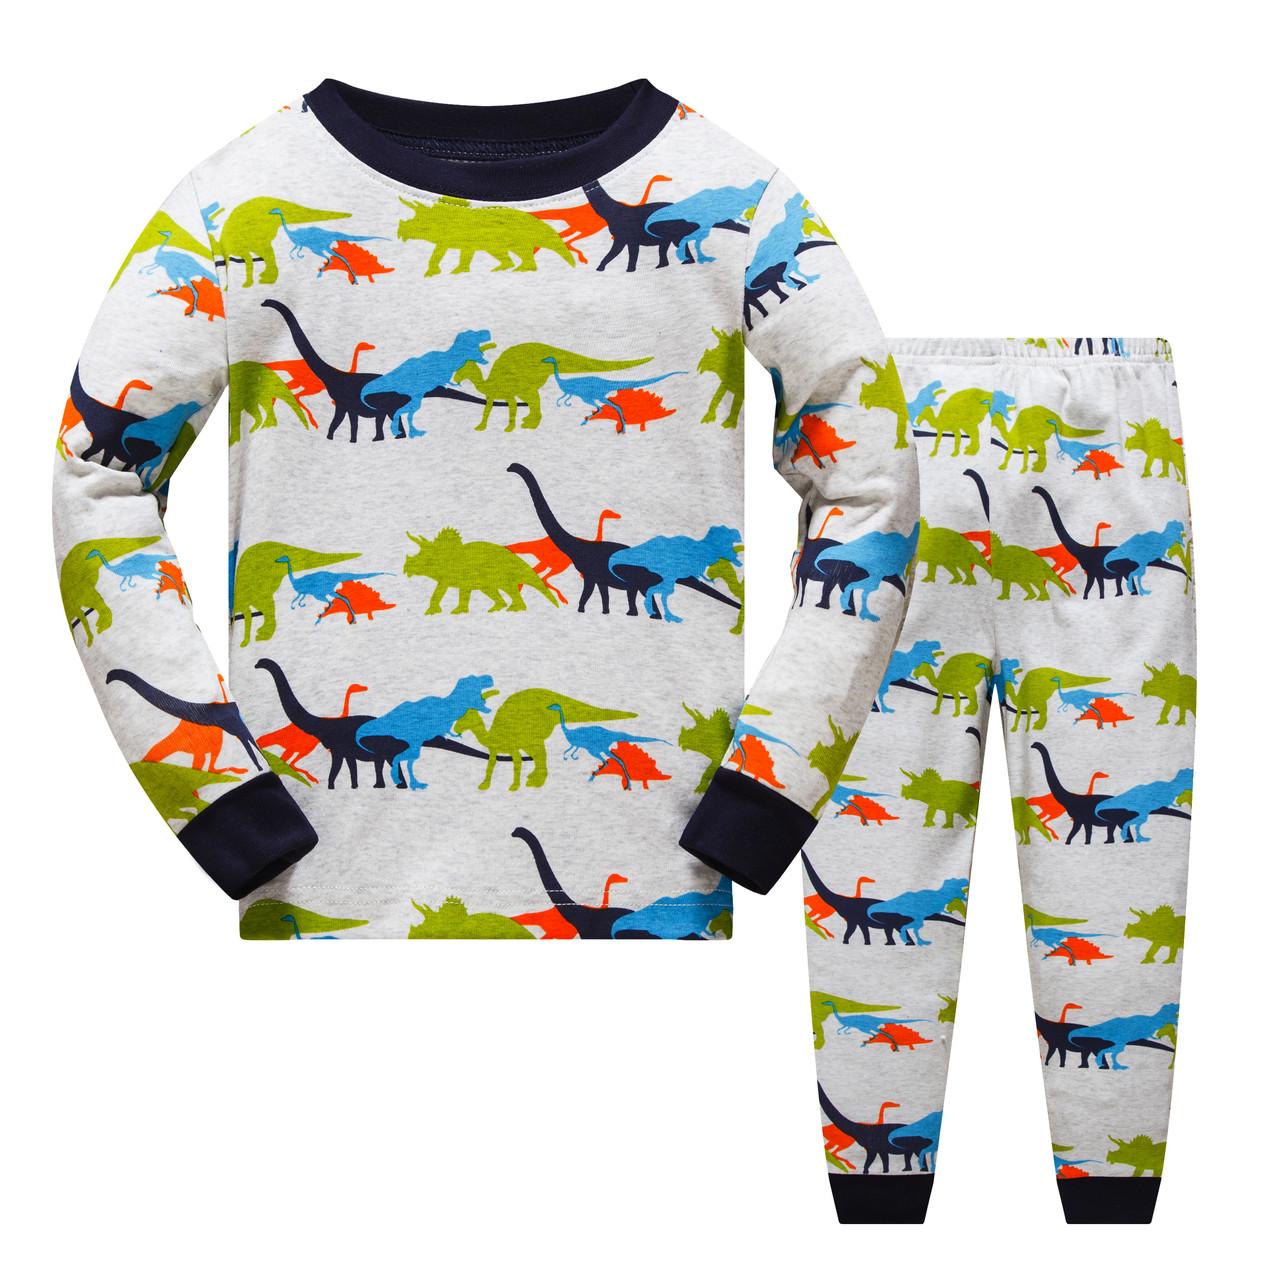 Пижама Динозавры Wibbly pigbaby - Это Ваш интернет-магазин для путешествий 9dfdf075640fb